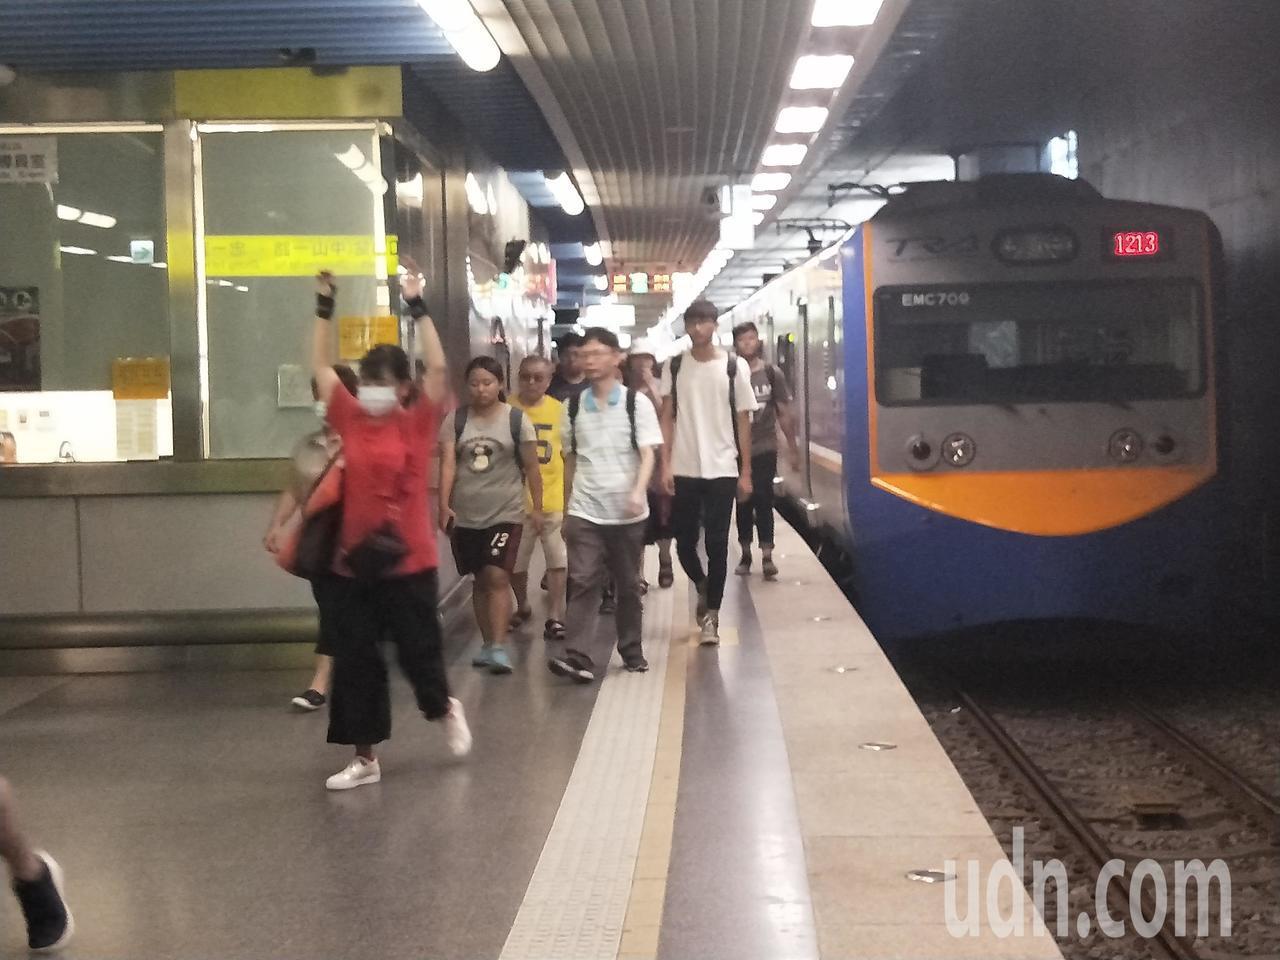 基隆火車站下午人潮很多,到站列車也都延誤20分鐘以上。記者游明煌/攝影